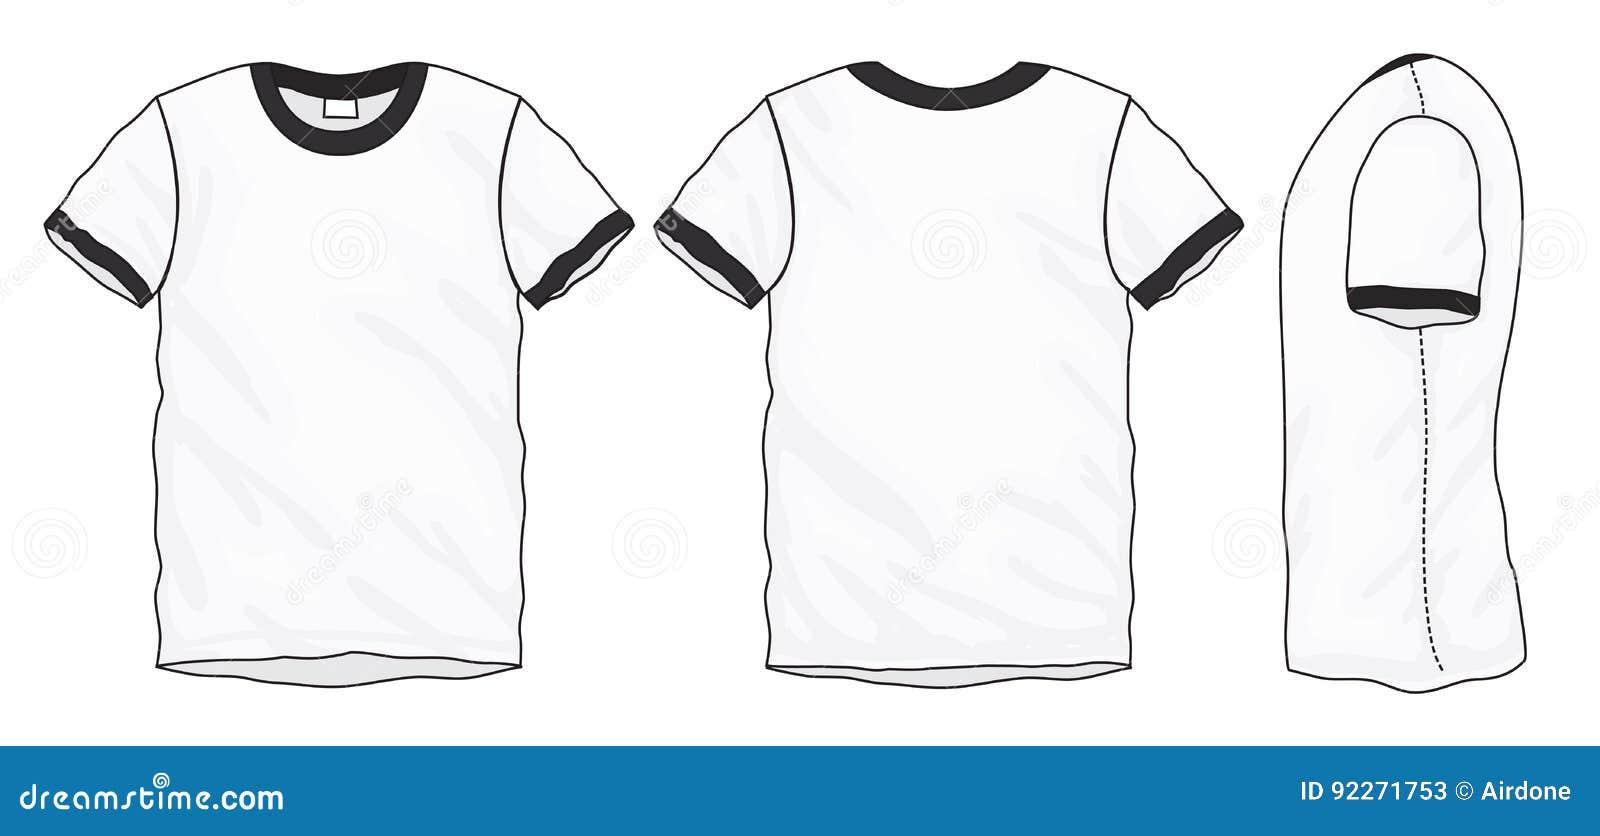 Niedlich Leere T Shirt Design Vorlage Ideen - Beispiel Anschreiben ...